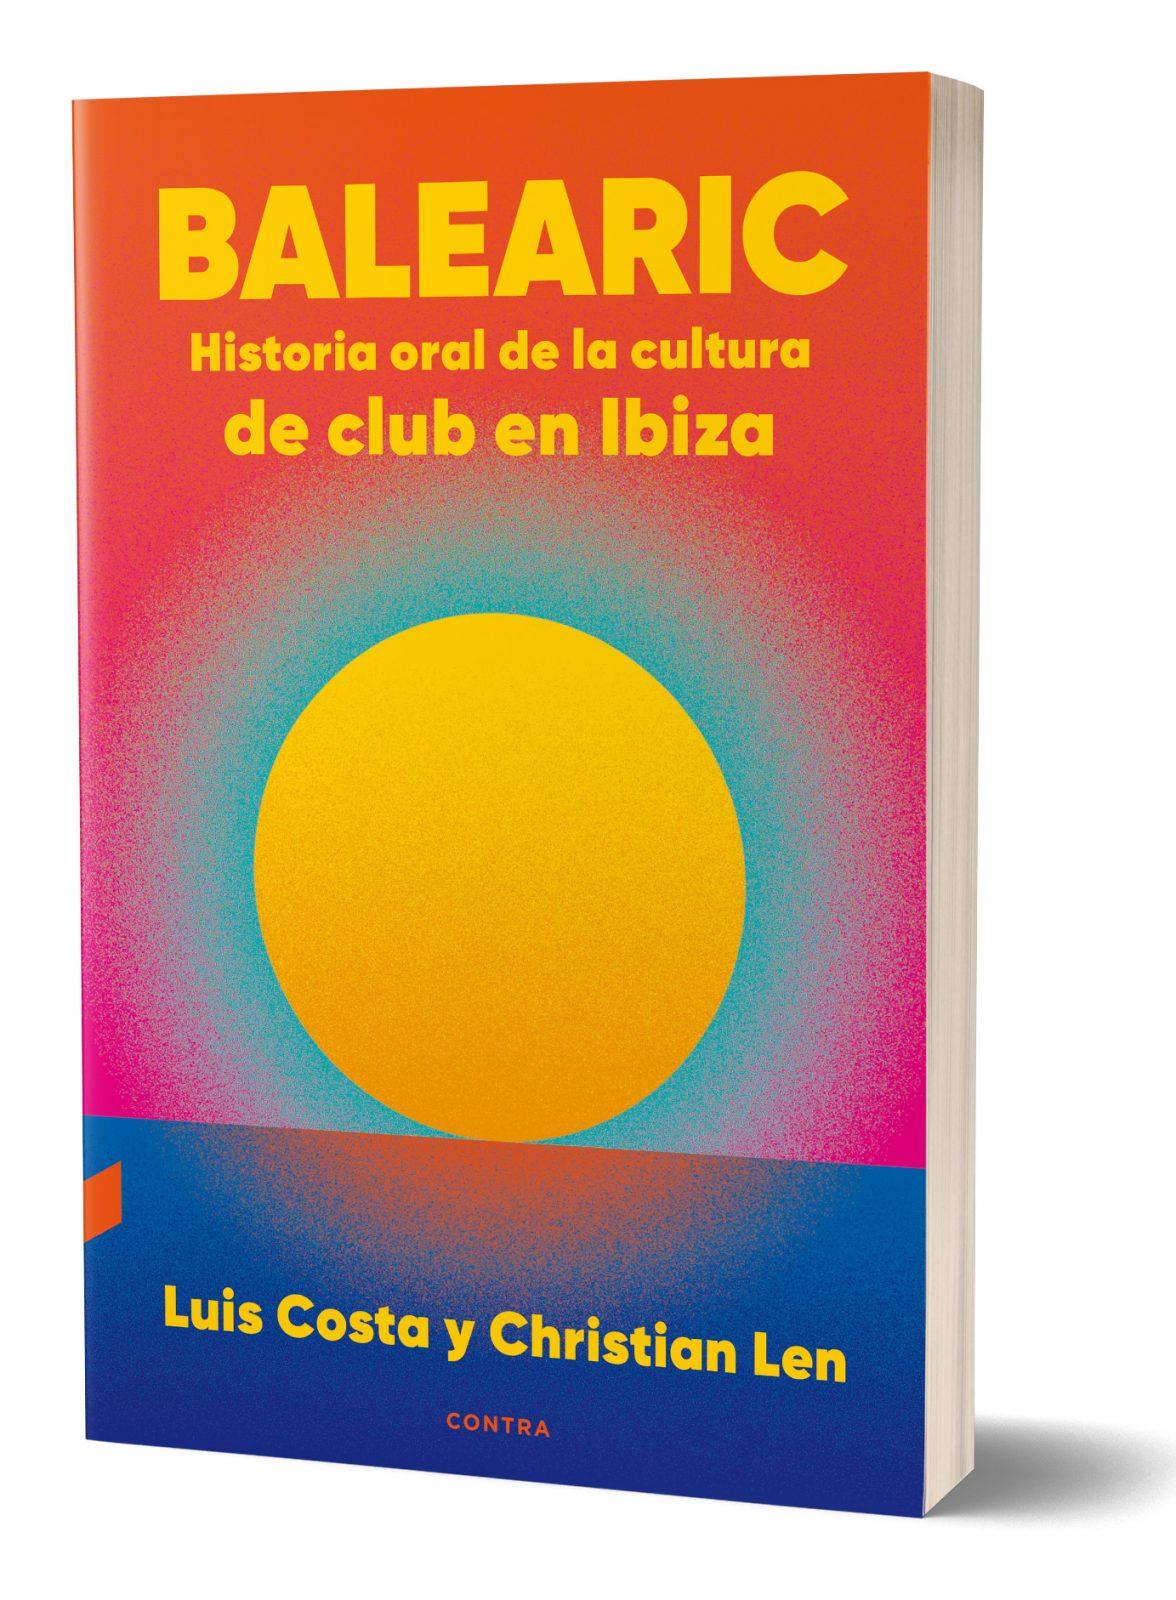 Balearic_sin_fondo